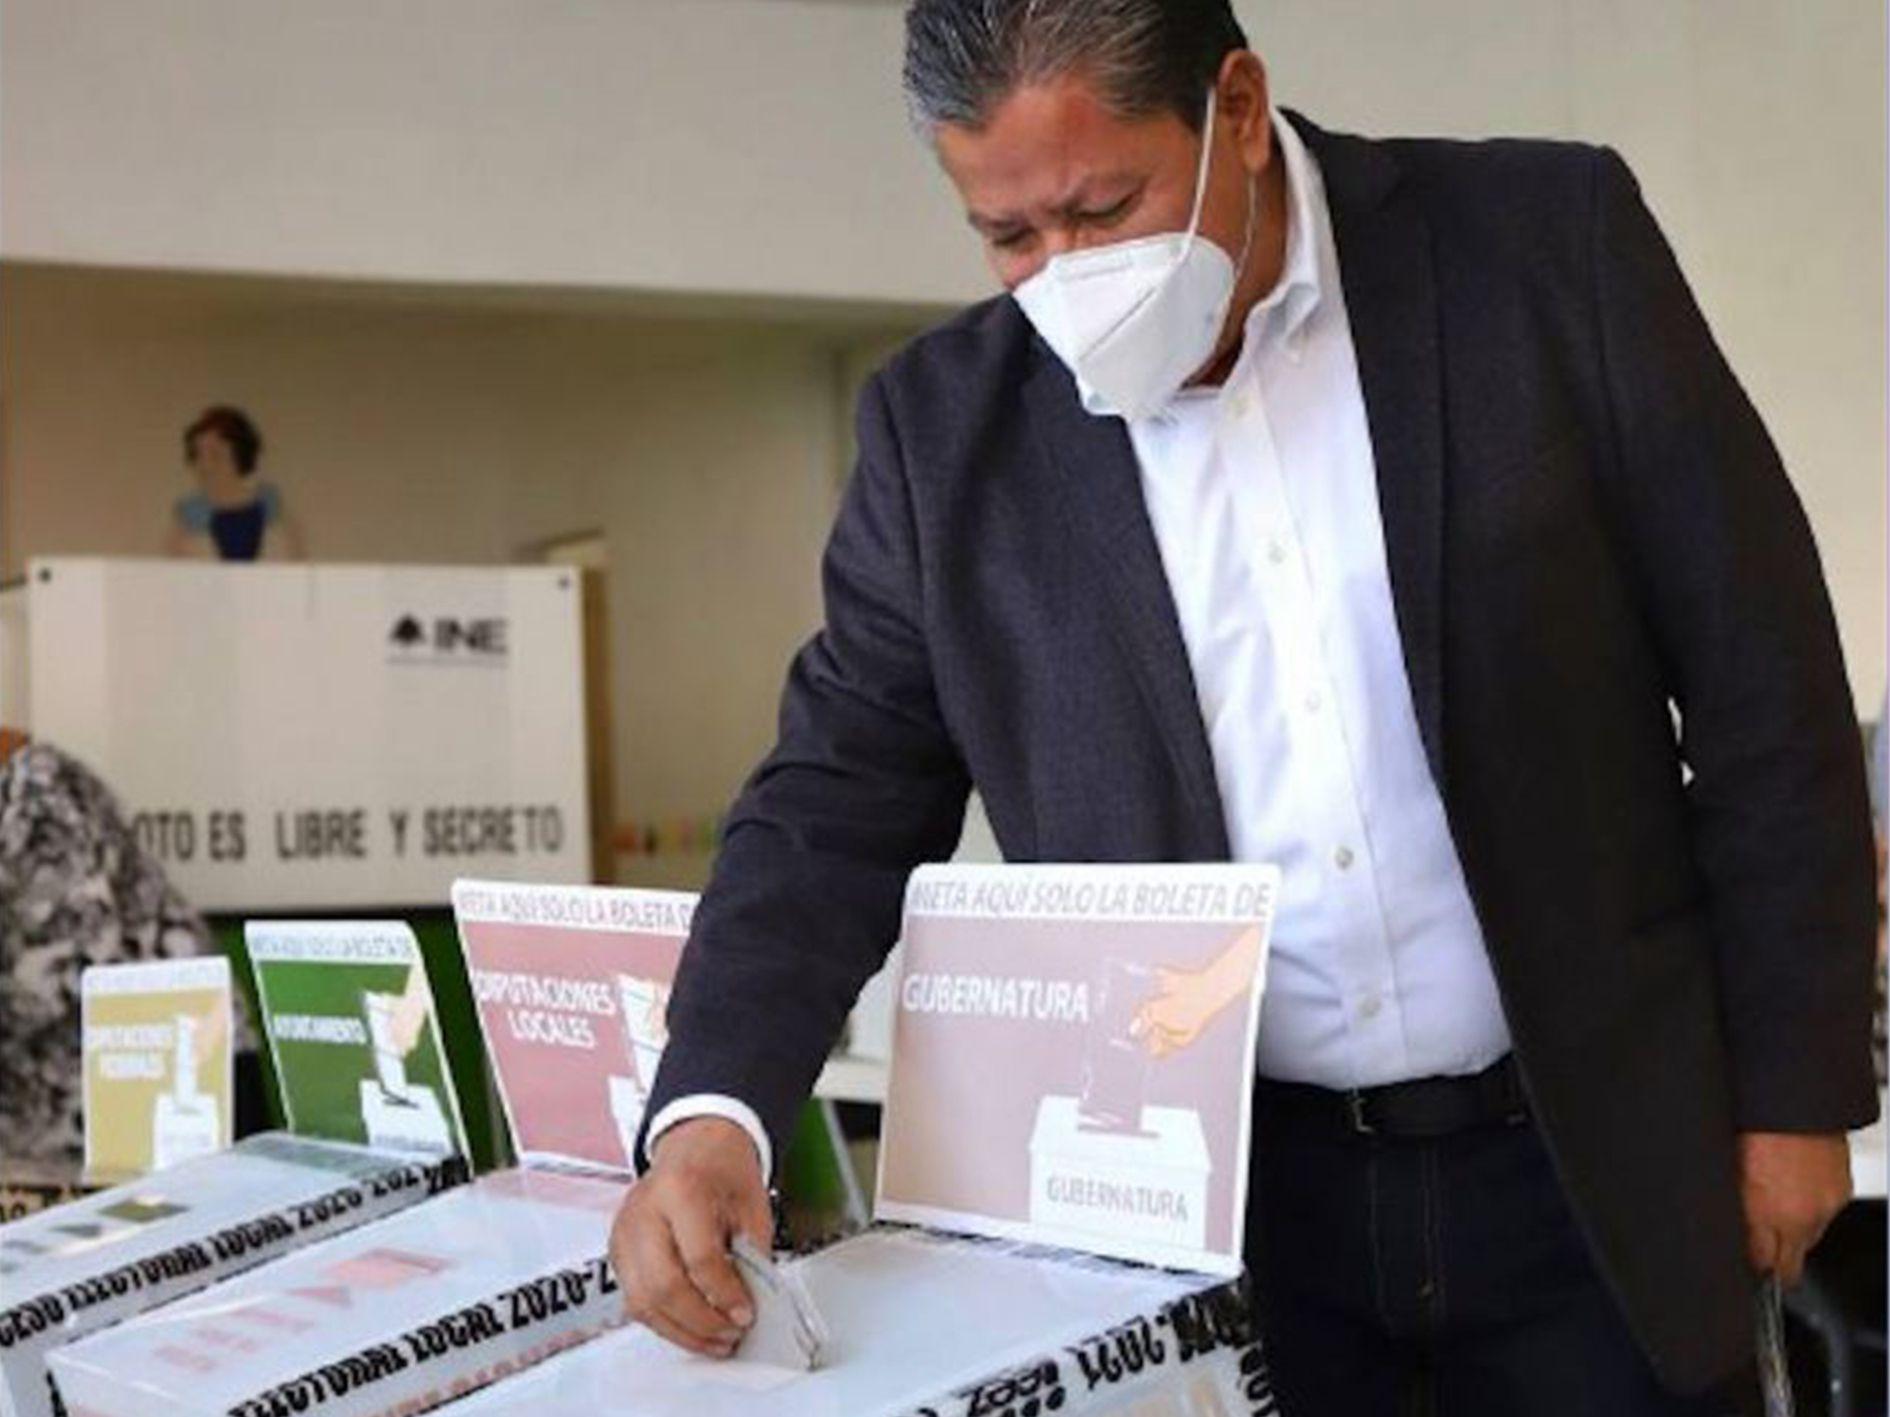 DAVID MONREAL - SECRETARÍA - GOBIERNO DE MÉXICO - VOTO - ELECCIONES - MÉXICO